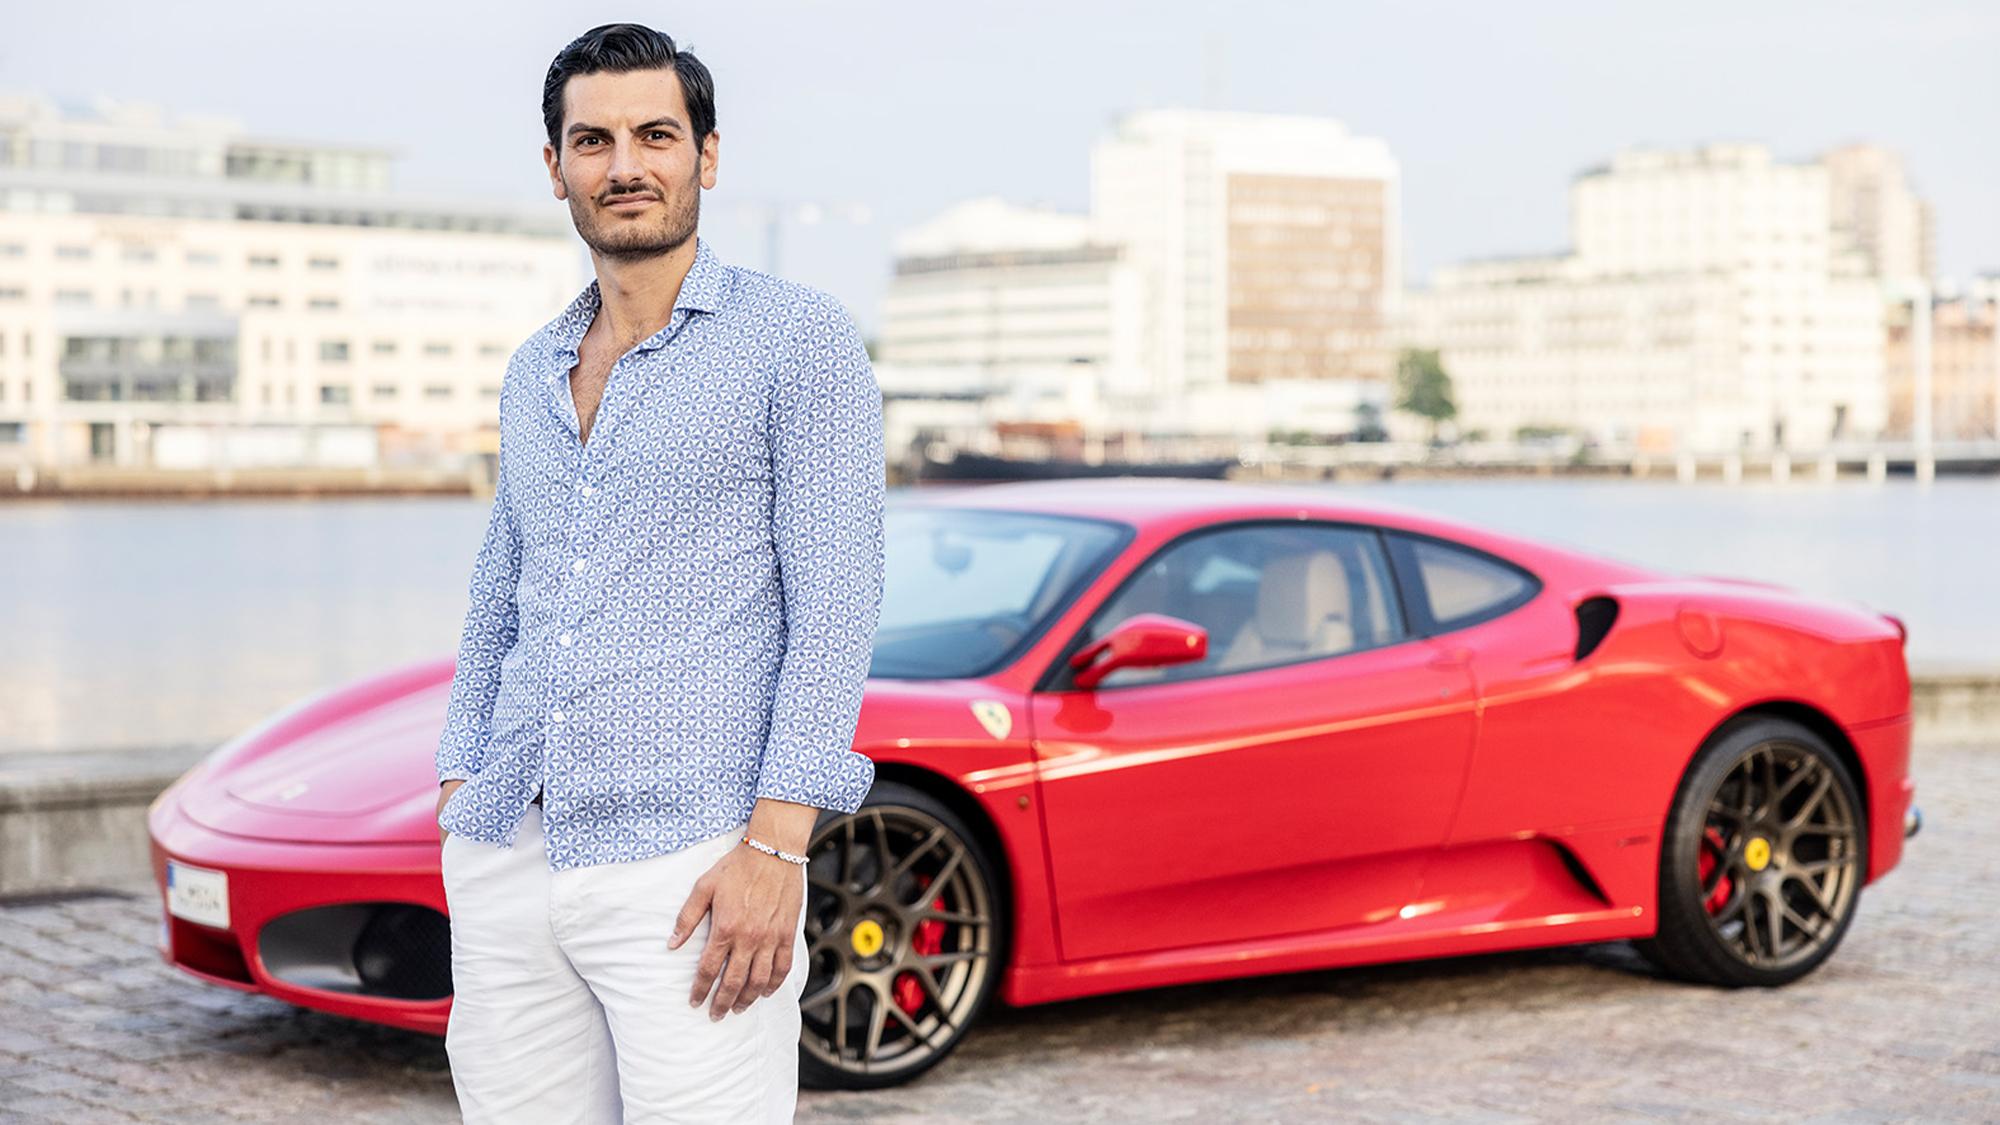 Tamer Senyüz står framför sin röda Ferrari